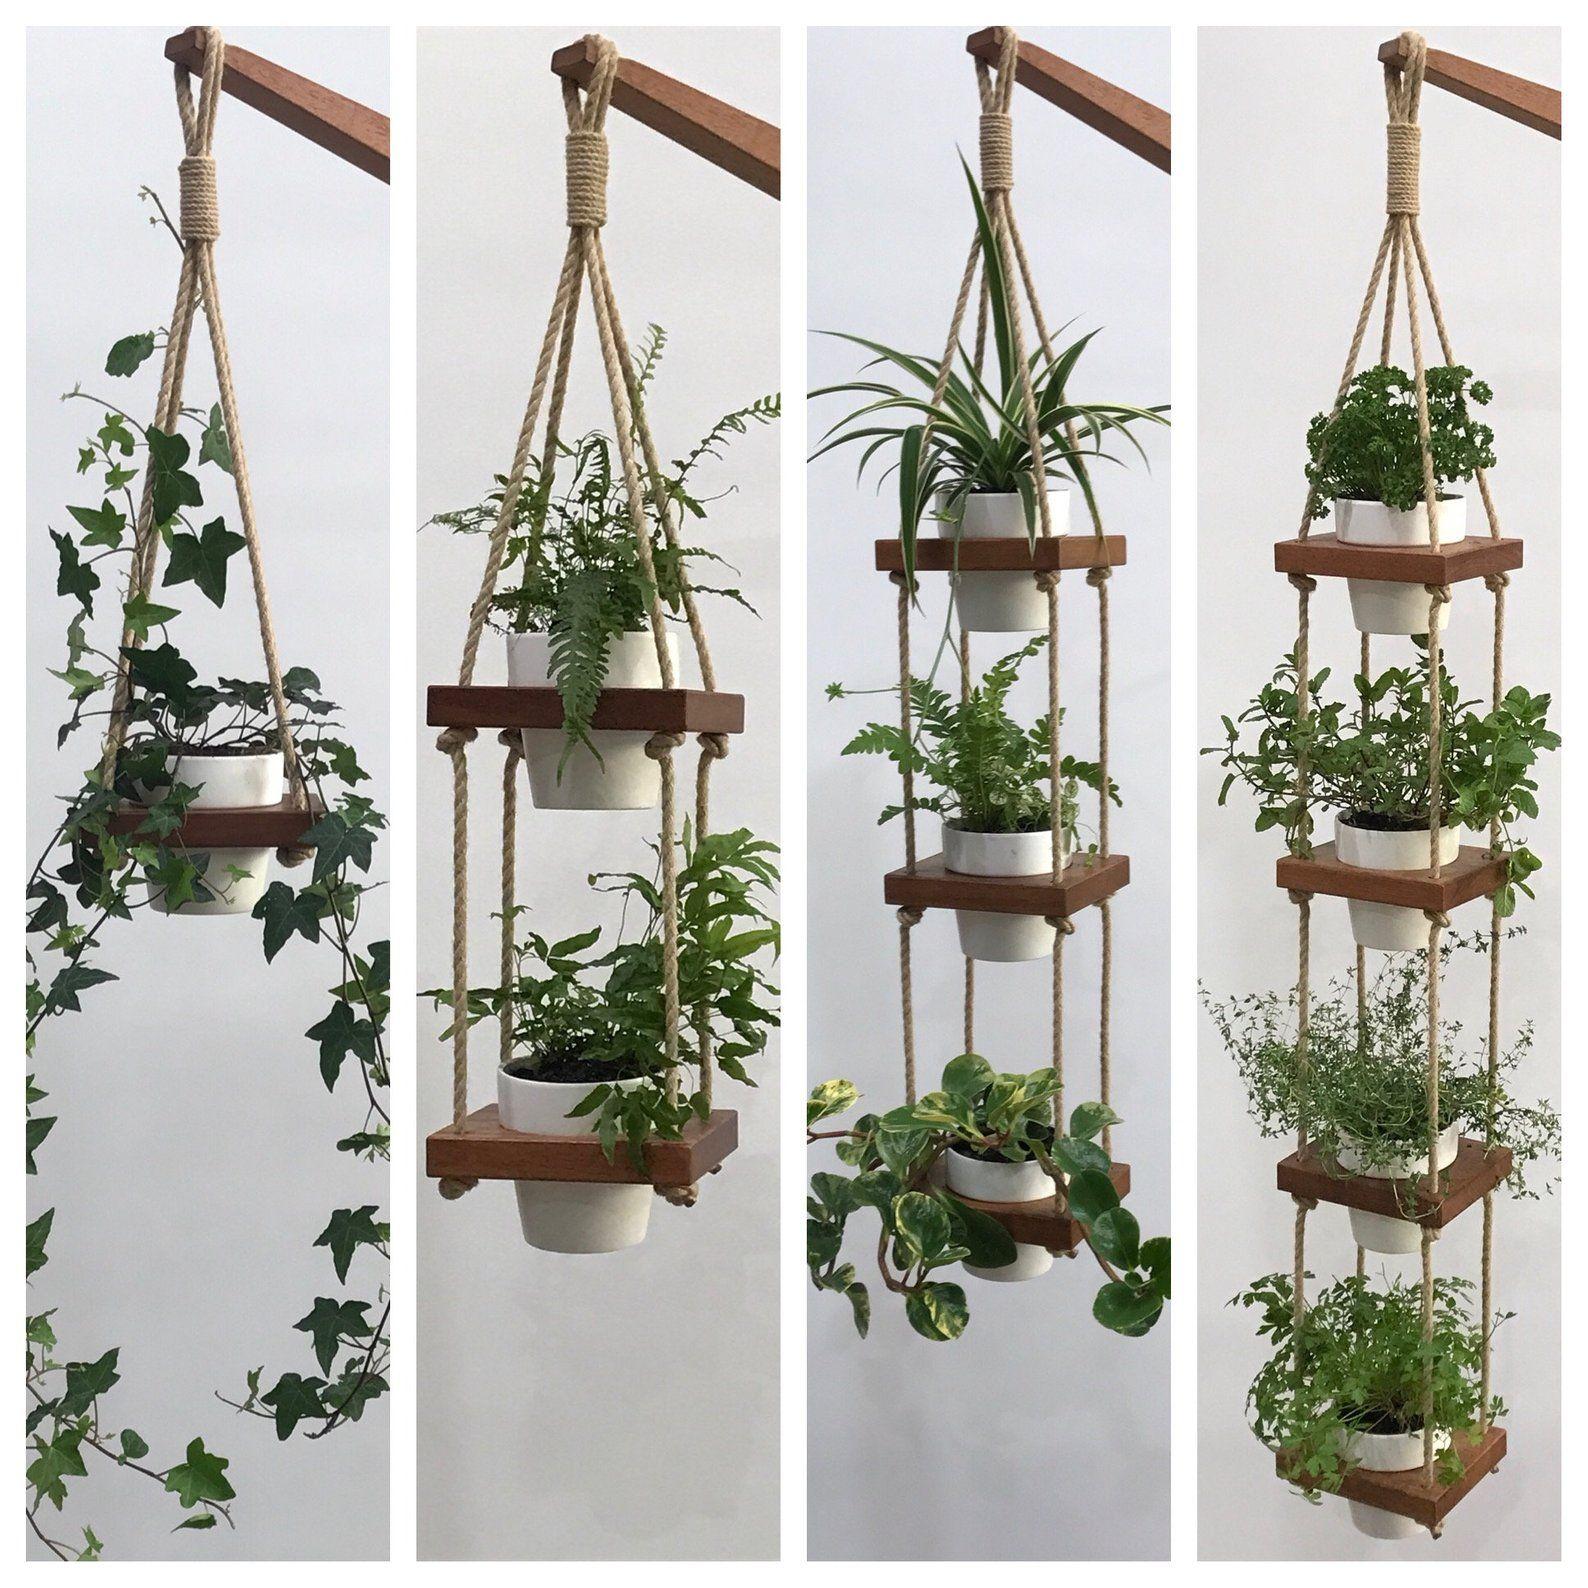 Hanging Planter Indoor Wall Planter Indoor Garden Plant Etsy Hanging Planters Indoor Wall Planters Indoor Hanging Plants Indoor